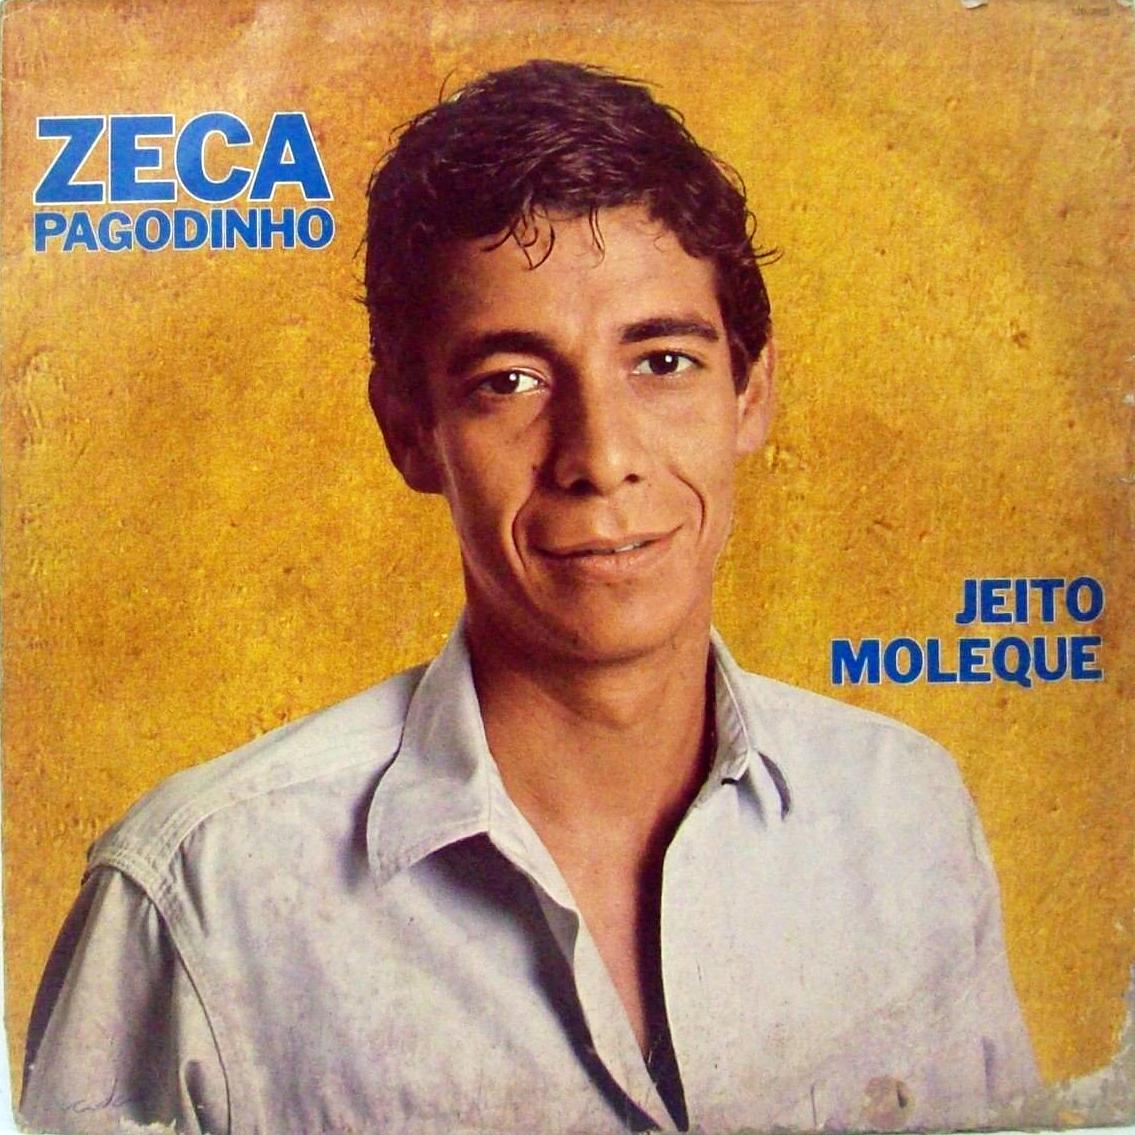 AMIGOS OS PAGODINHO GRATUITO DOWNLOAD DO VIVO CD ZECA COM AO